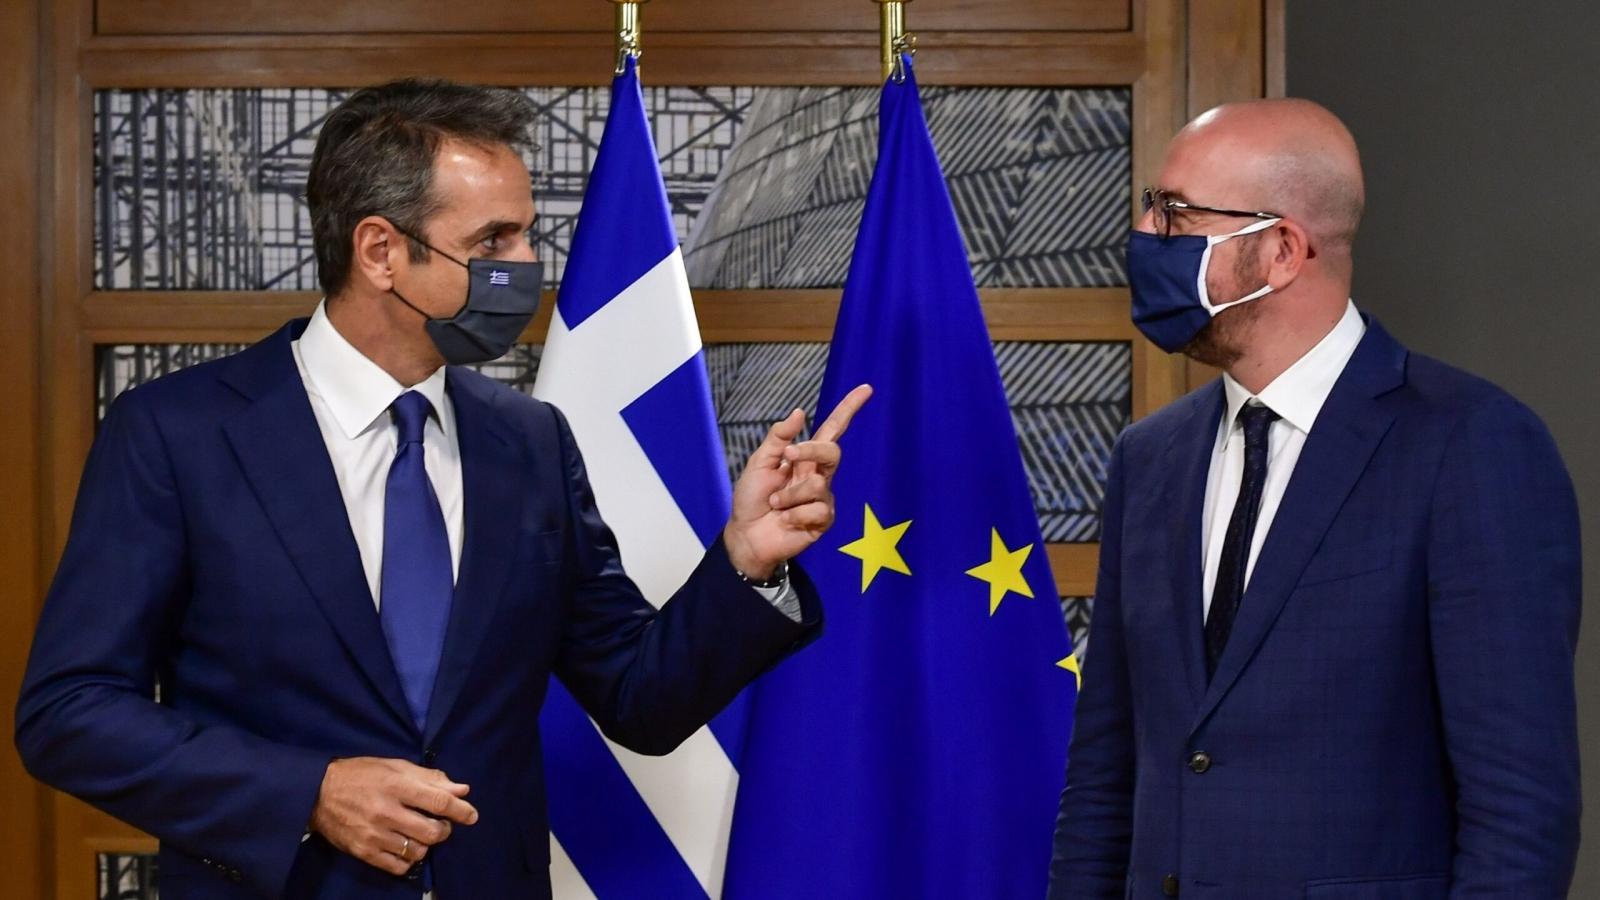 Hy Lạp bác bỏ đề xuất không trừng phạt Thổ Nhĩ Kỳ của EU